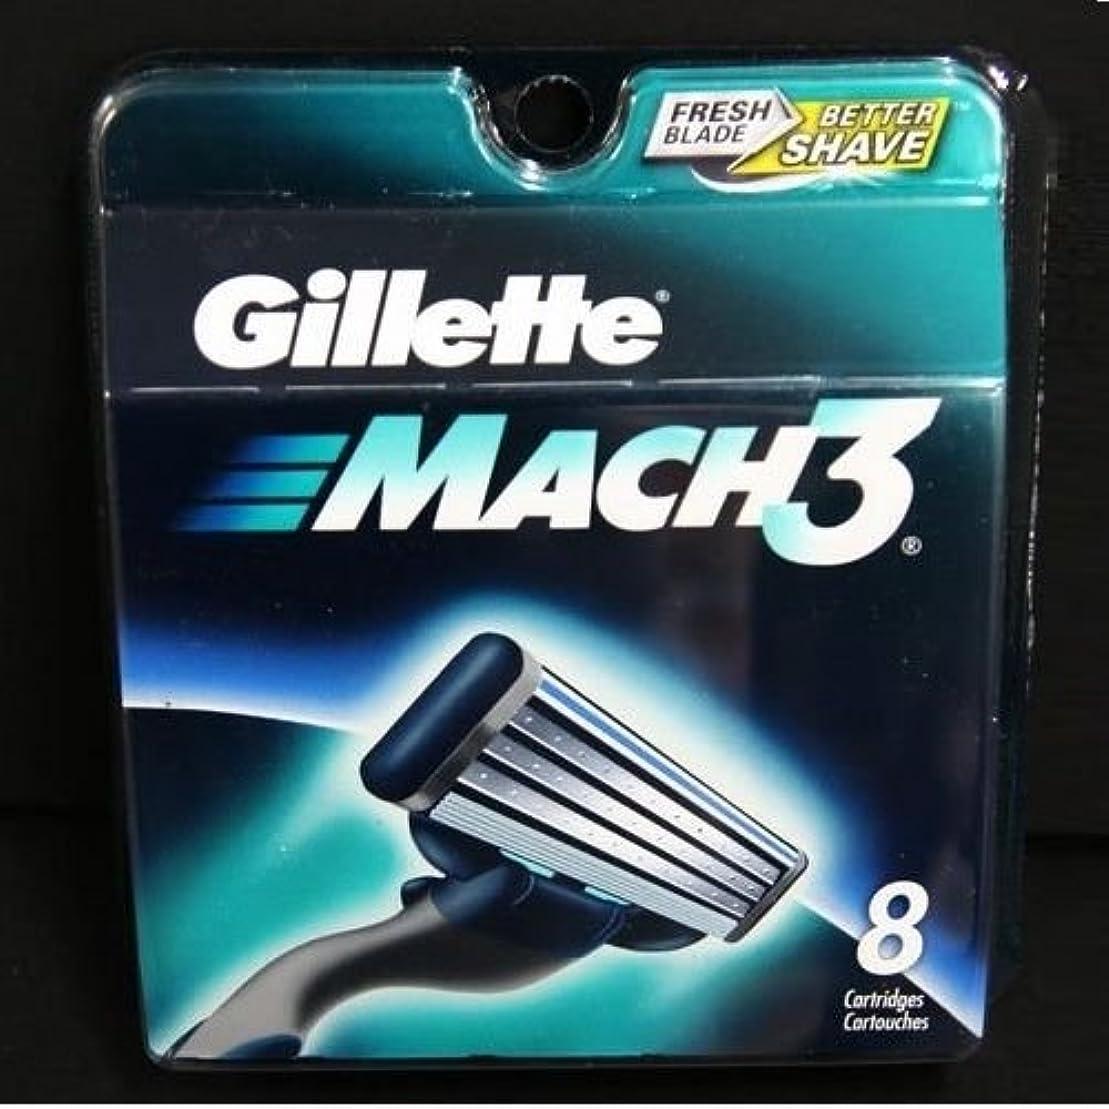 療法快適健全Gillette MACH3 SHAVING RAZOR カートリッジブレード 8 Pack [並行輸入品]